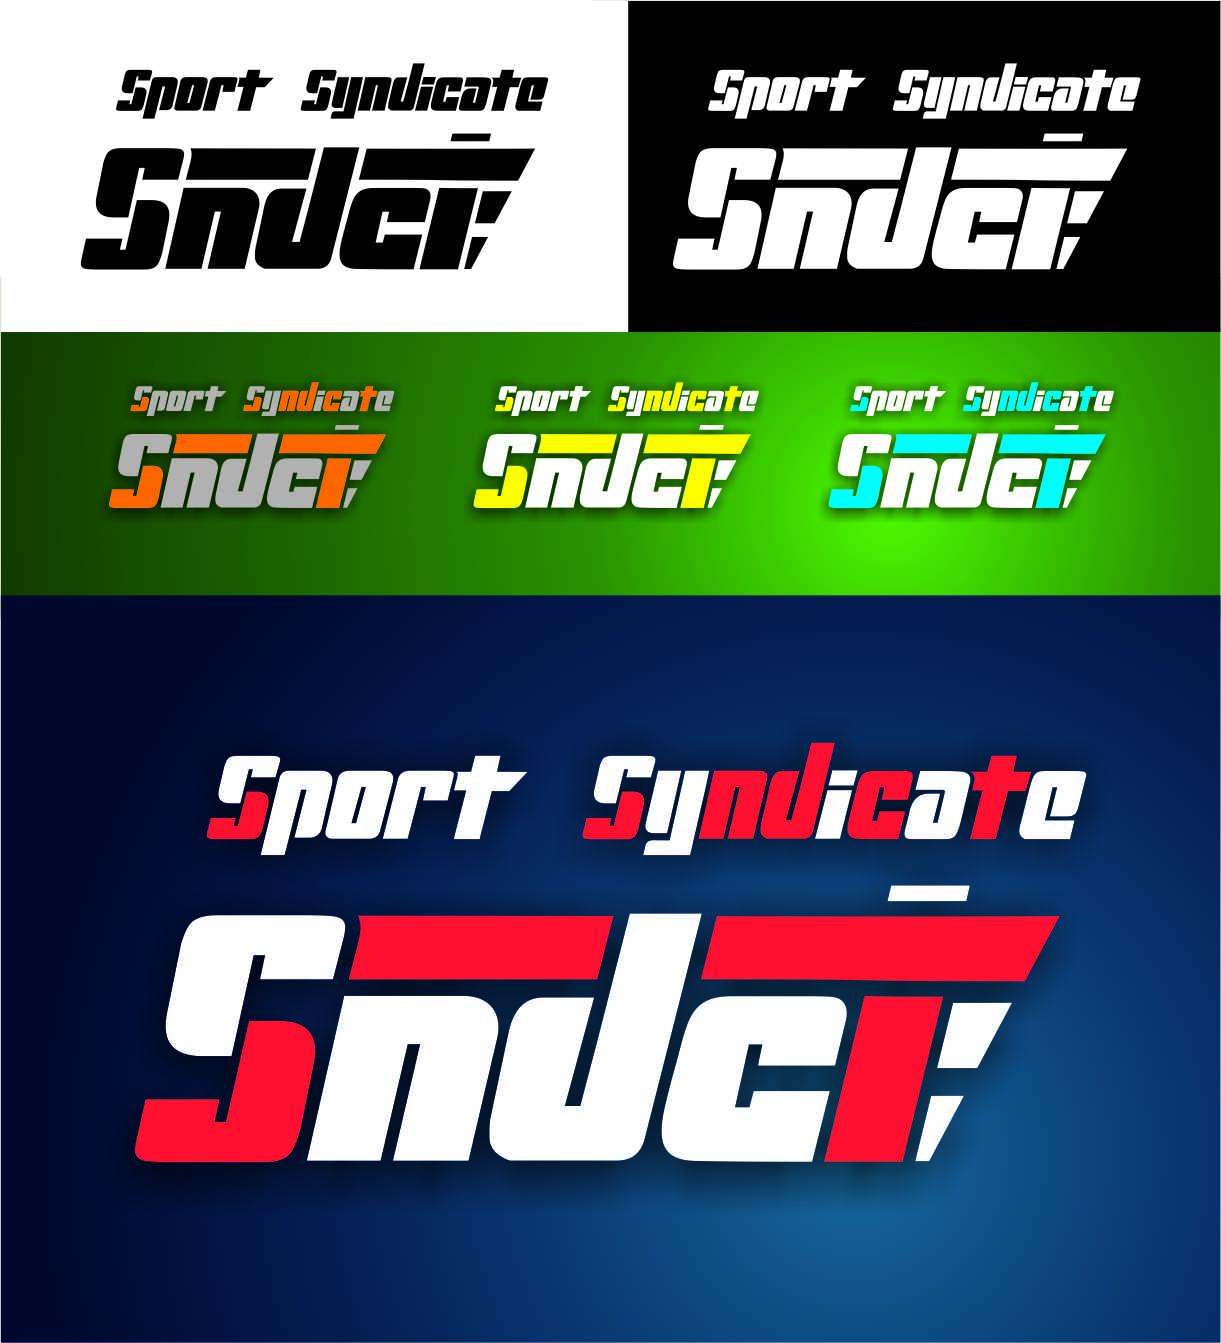 Создать логотип для сети магазинов спортивного питания фото f_5175966c9484f855.jpg